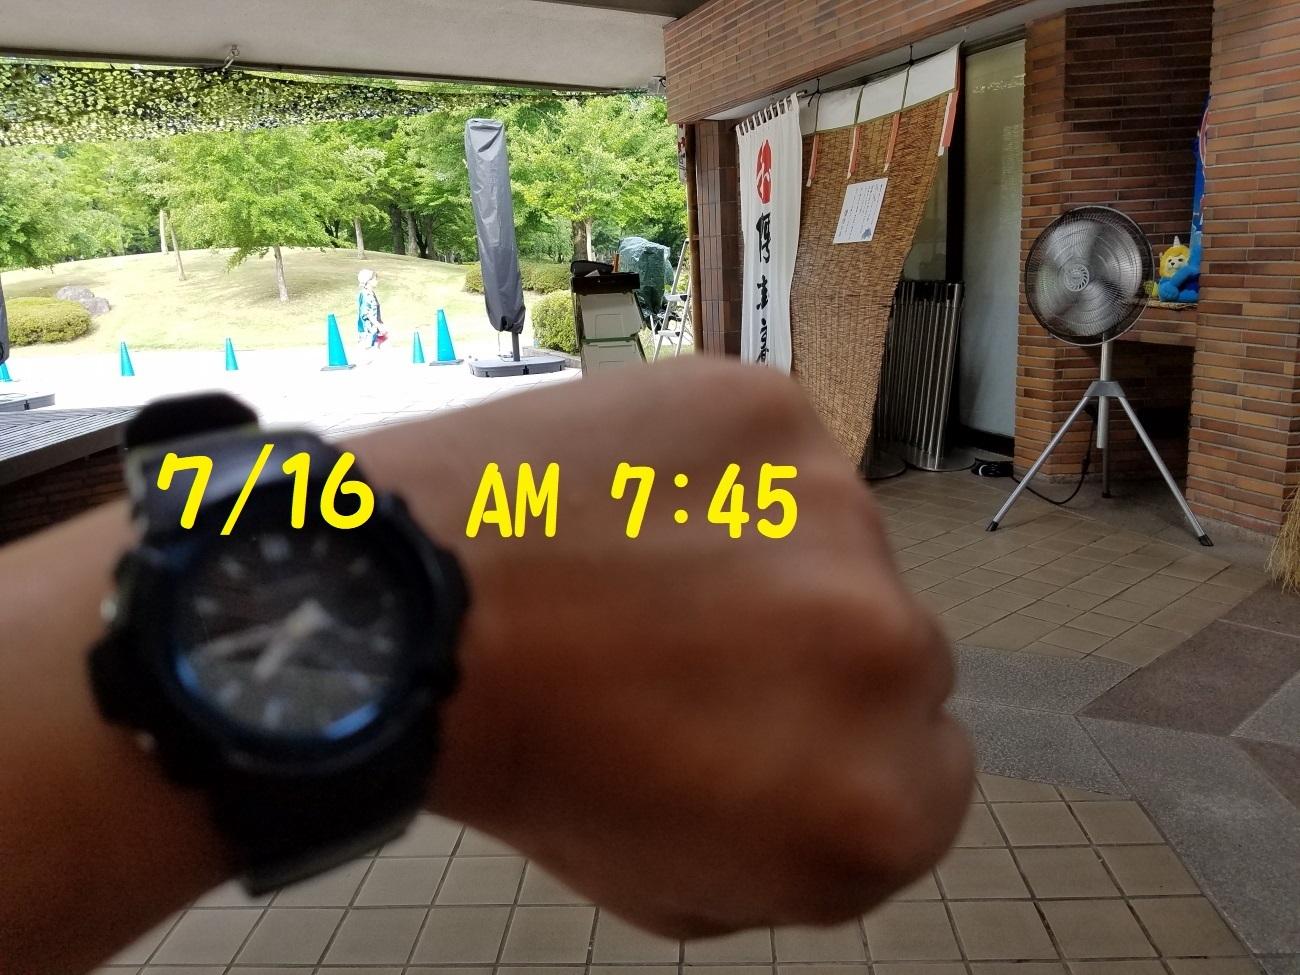 20170716_074500_001.jpg